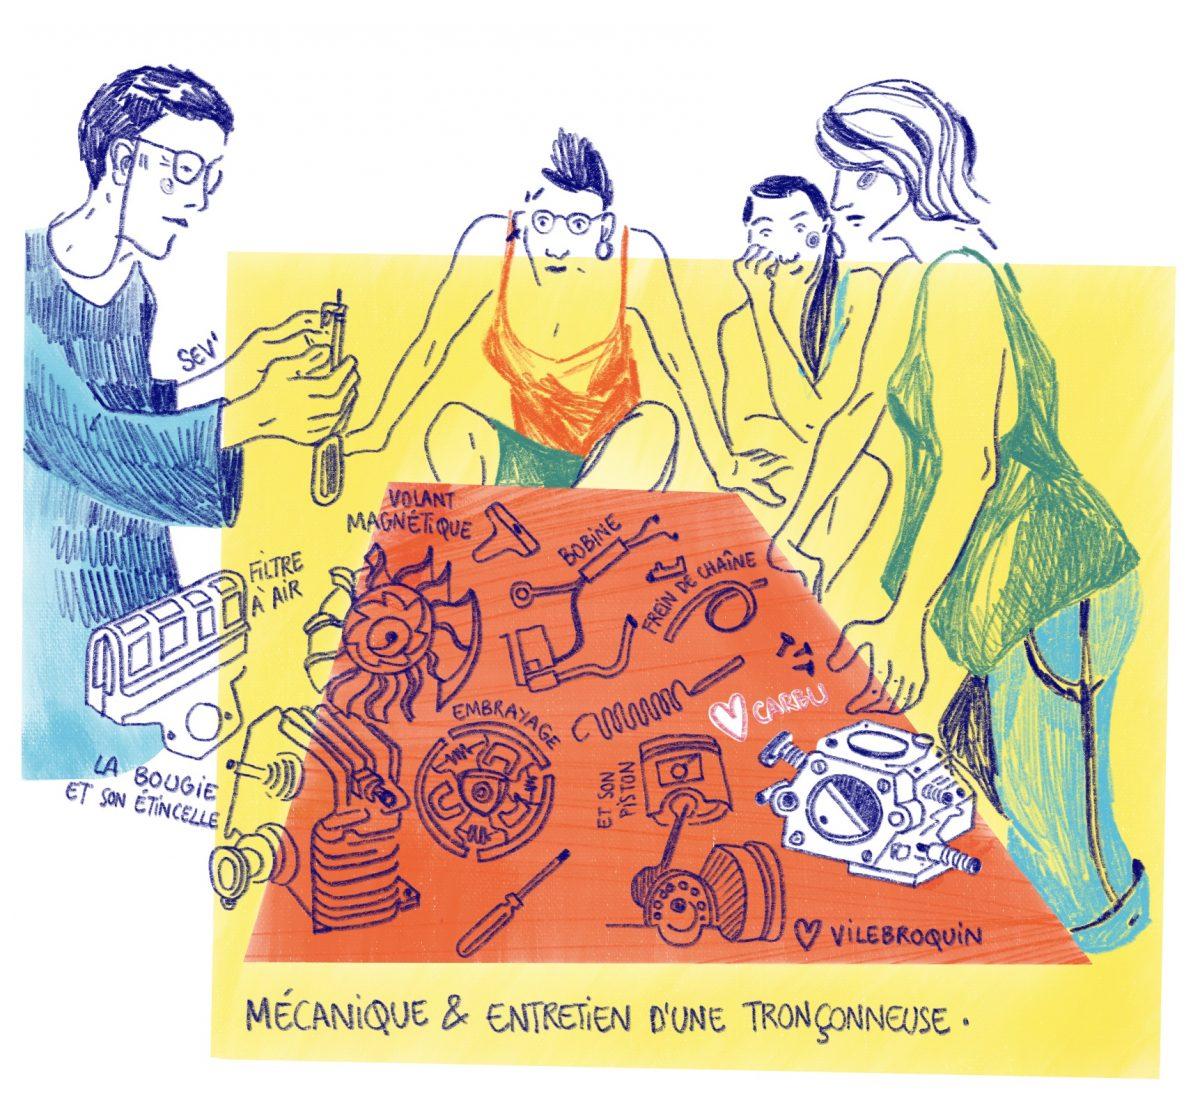 Rencontres de charpentières, atelier de mécanique tronçonneuse en mixité choisie